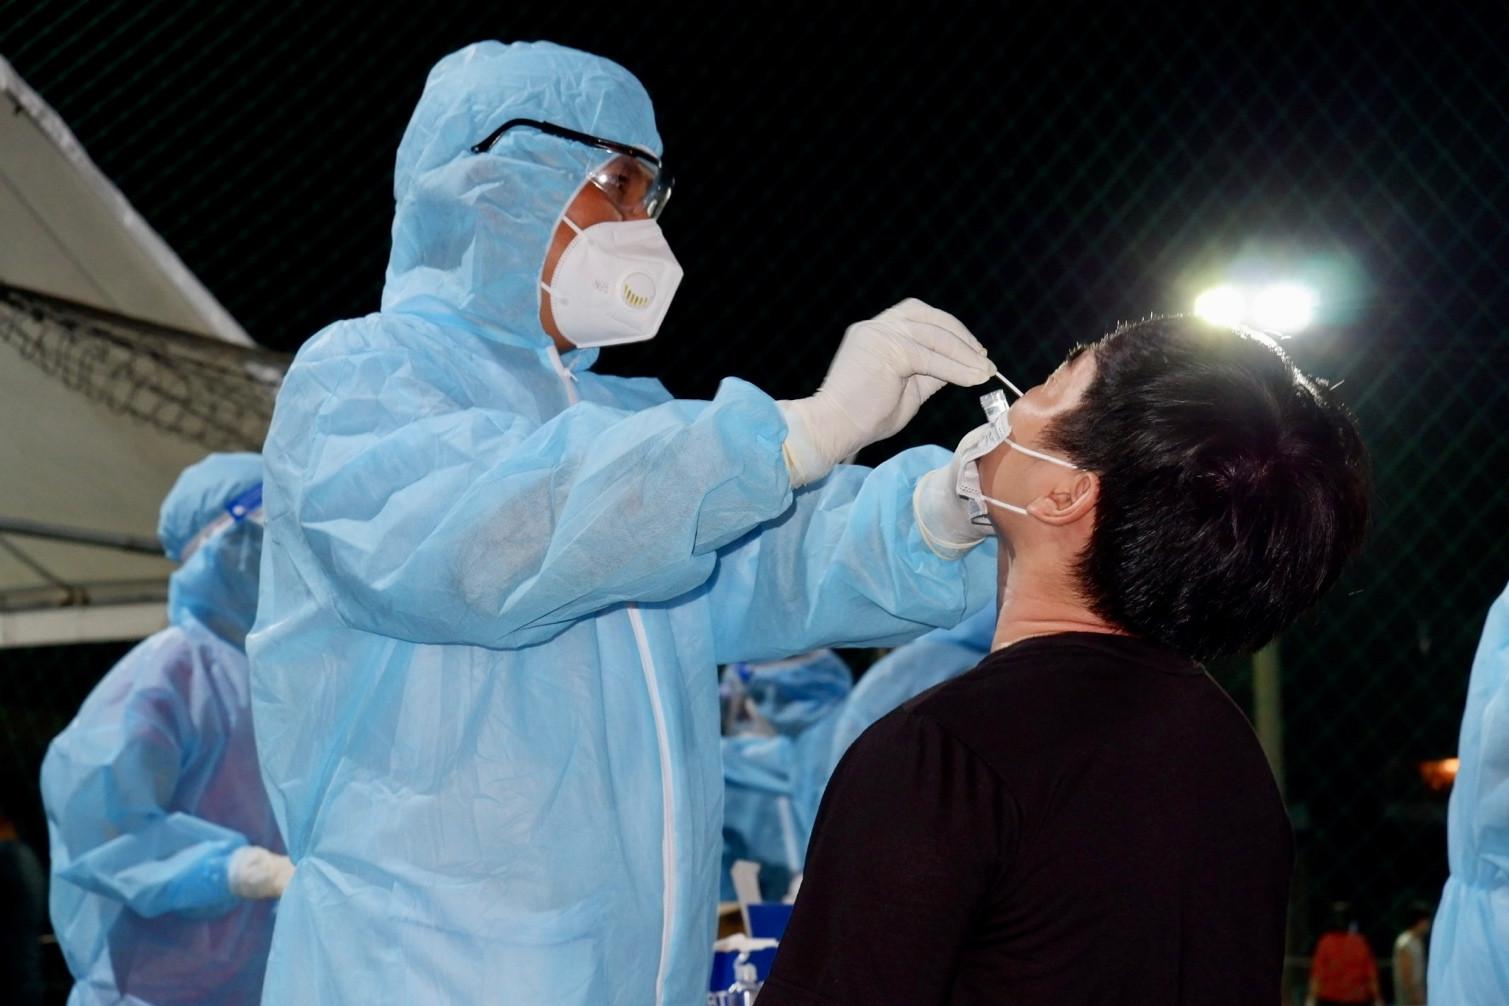 Bộ Y tế: Không chỉ định xét nghiệm đối với việc đi lại của người dân - Ảnh 3.